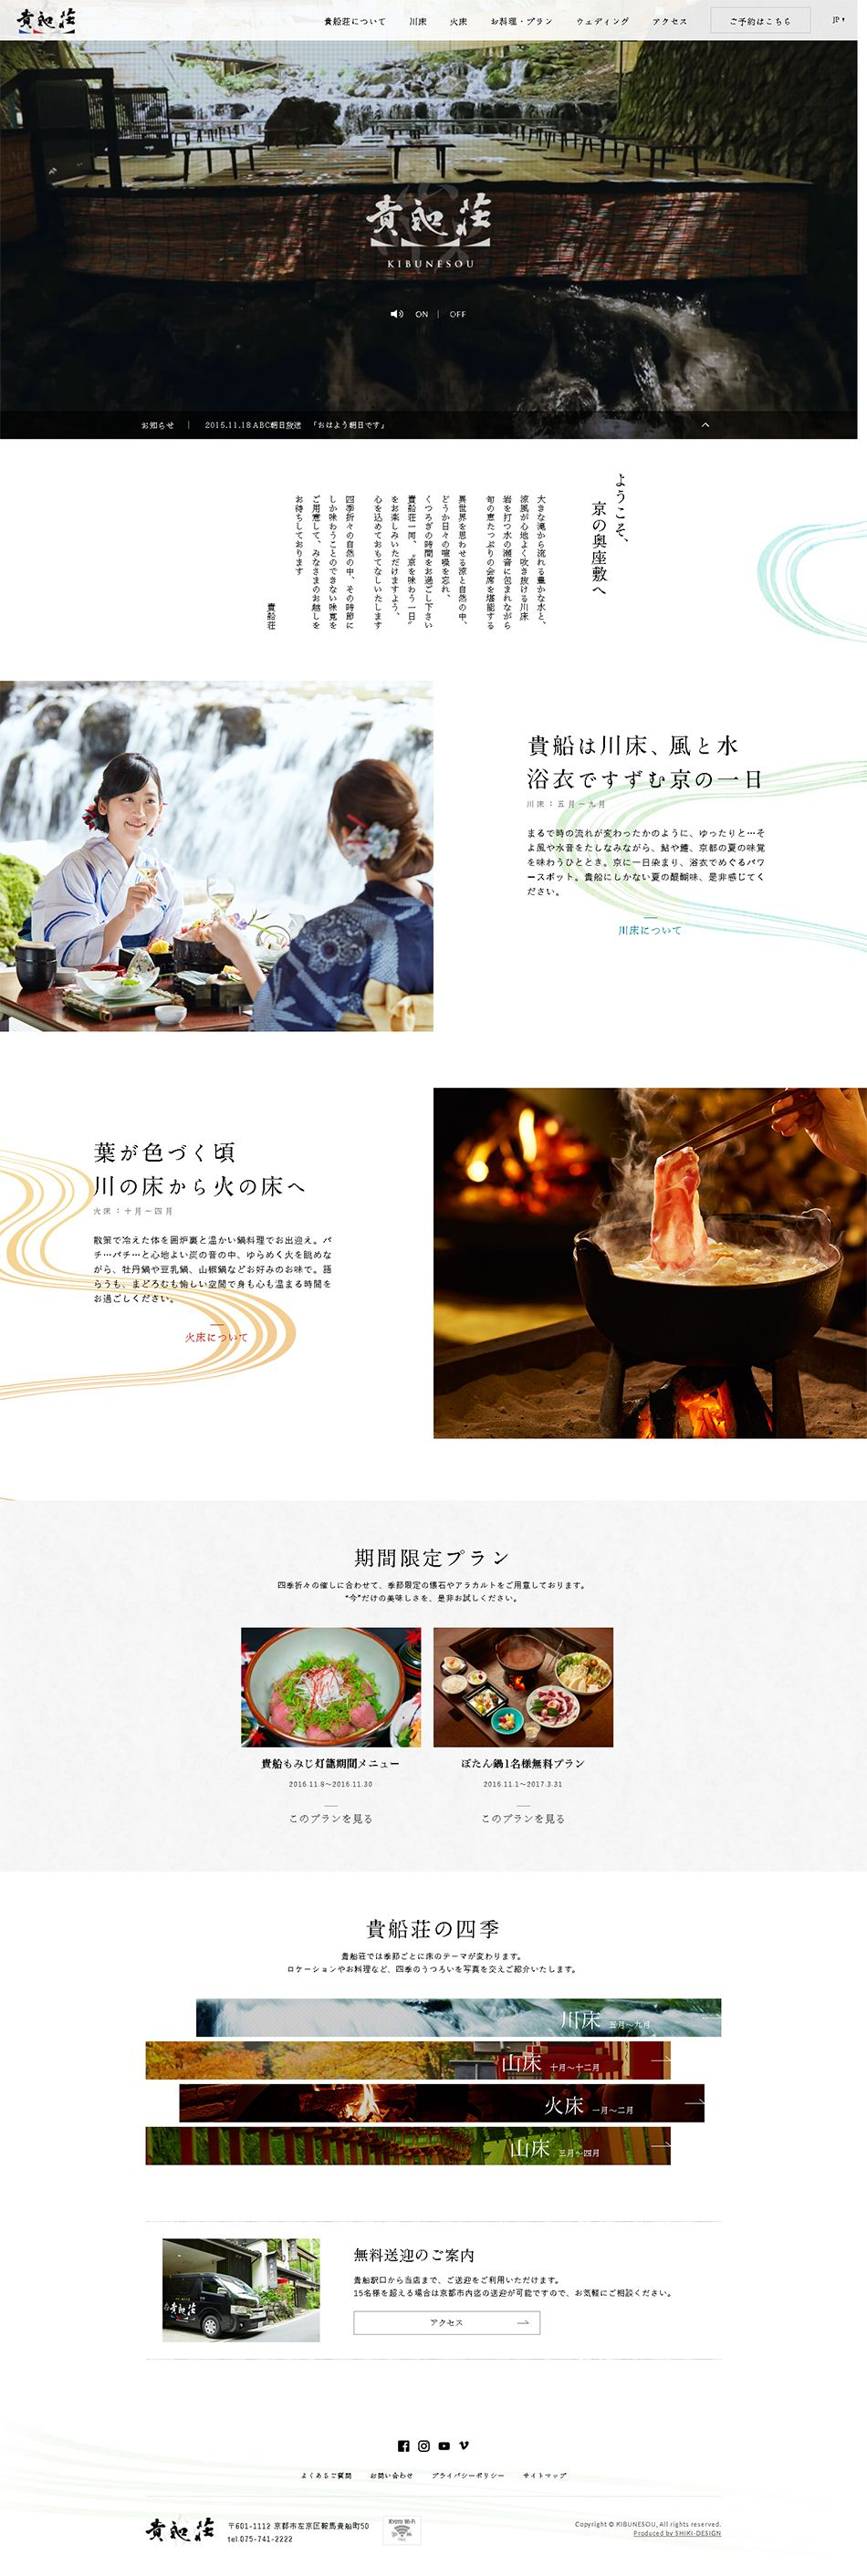 京都 貴船荘|WEBデザイナーさん必見!ランディングページのデザイン参考に(シンプル系)